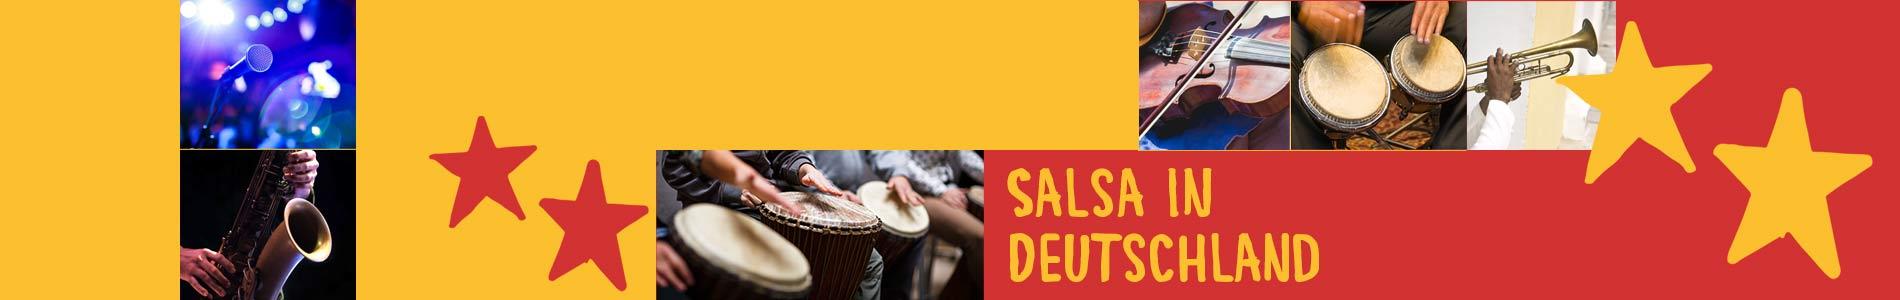 Salsa in Breitscheid – Salsa lernen und tanzen, Tanzkurse, Partys, Veranstaltungen